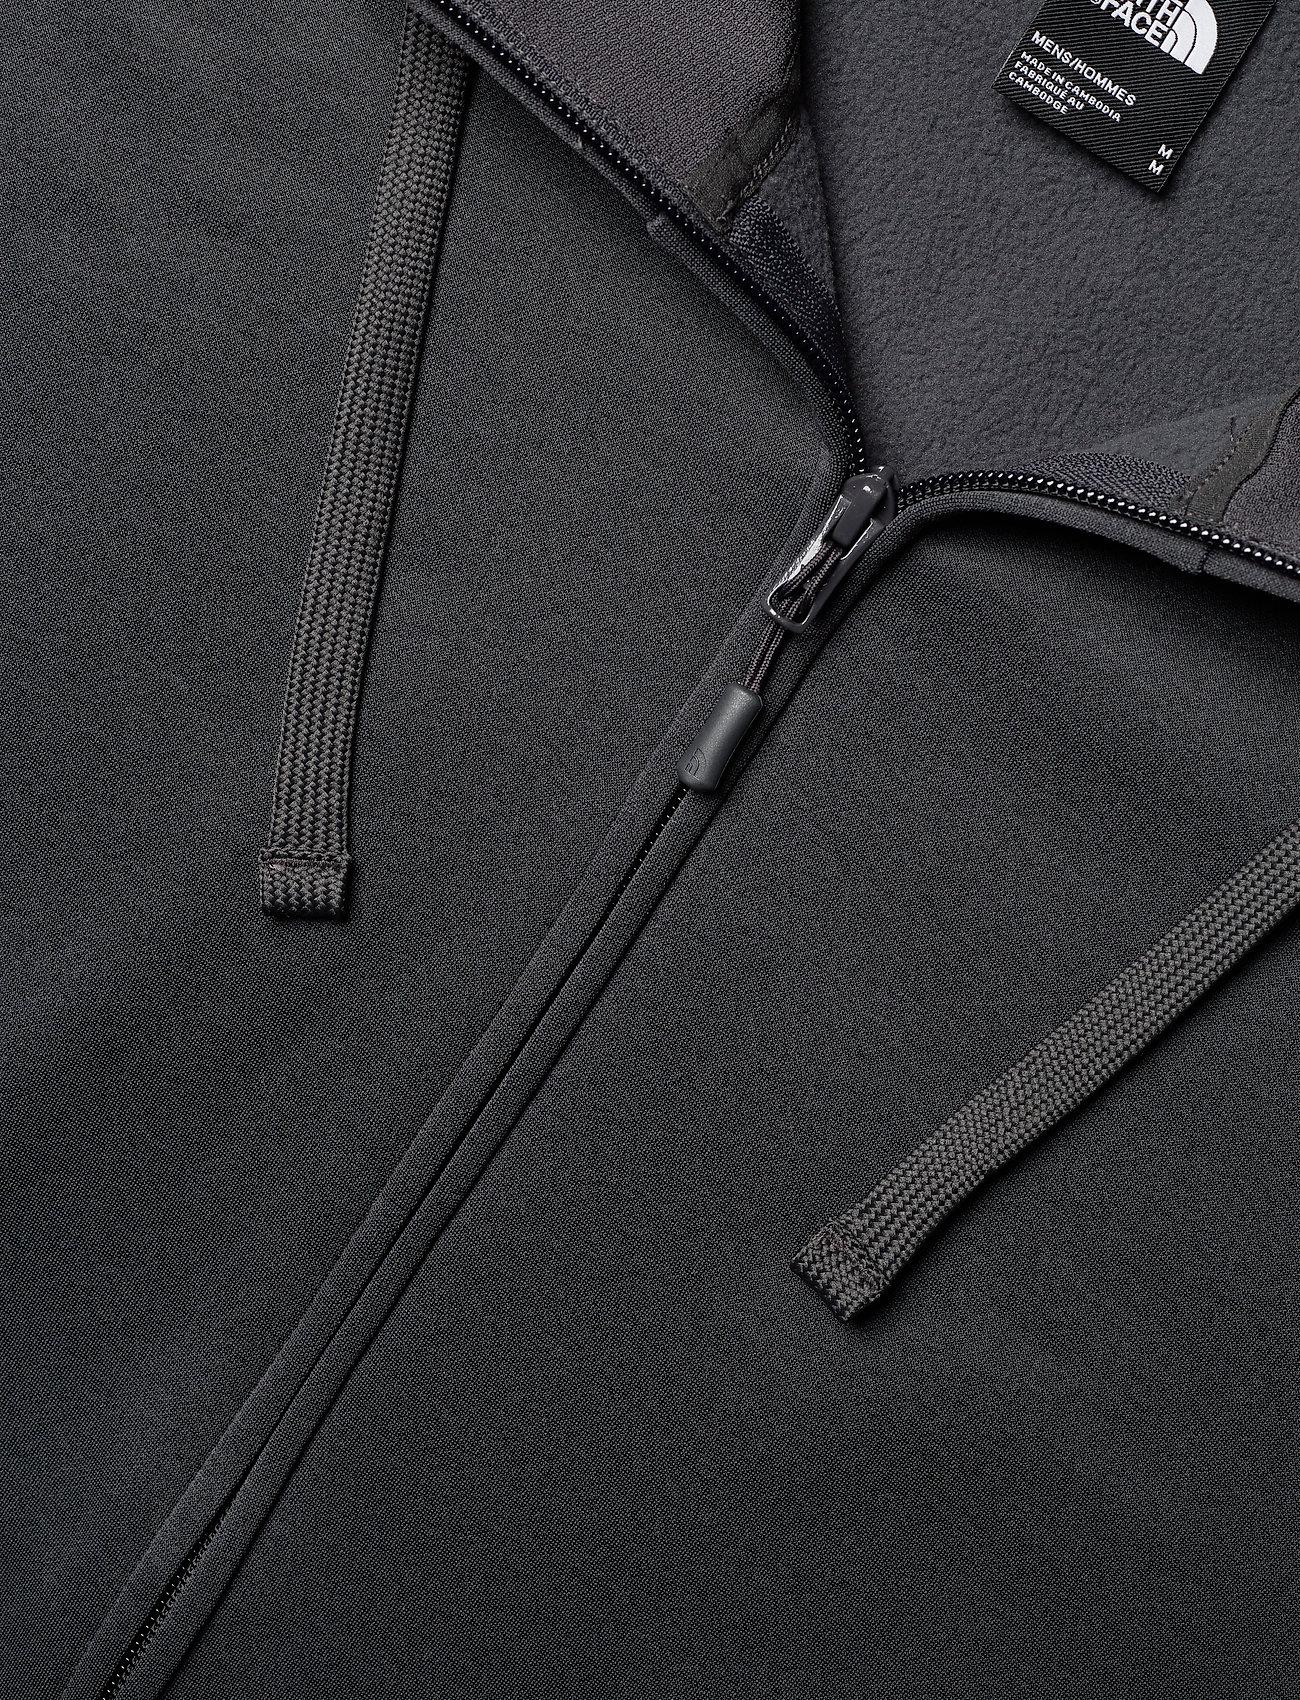 The North Face M SURGENT FZ HD - Sweatshirts TNFDARKGREYHTHR - Menn Klær